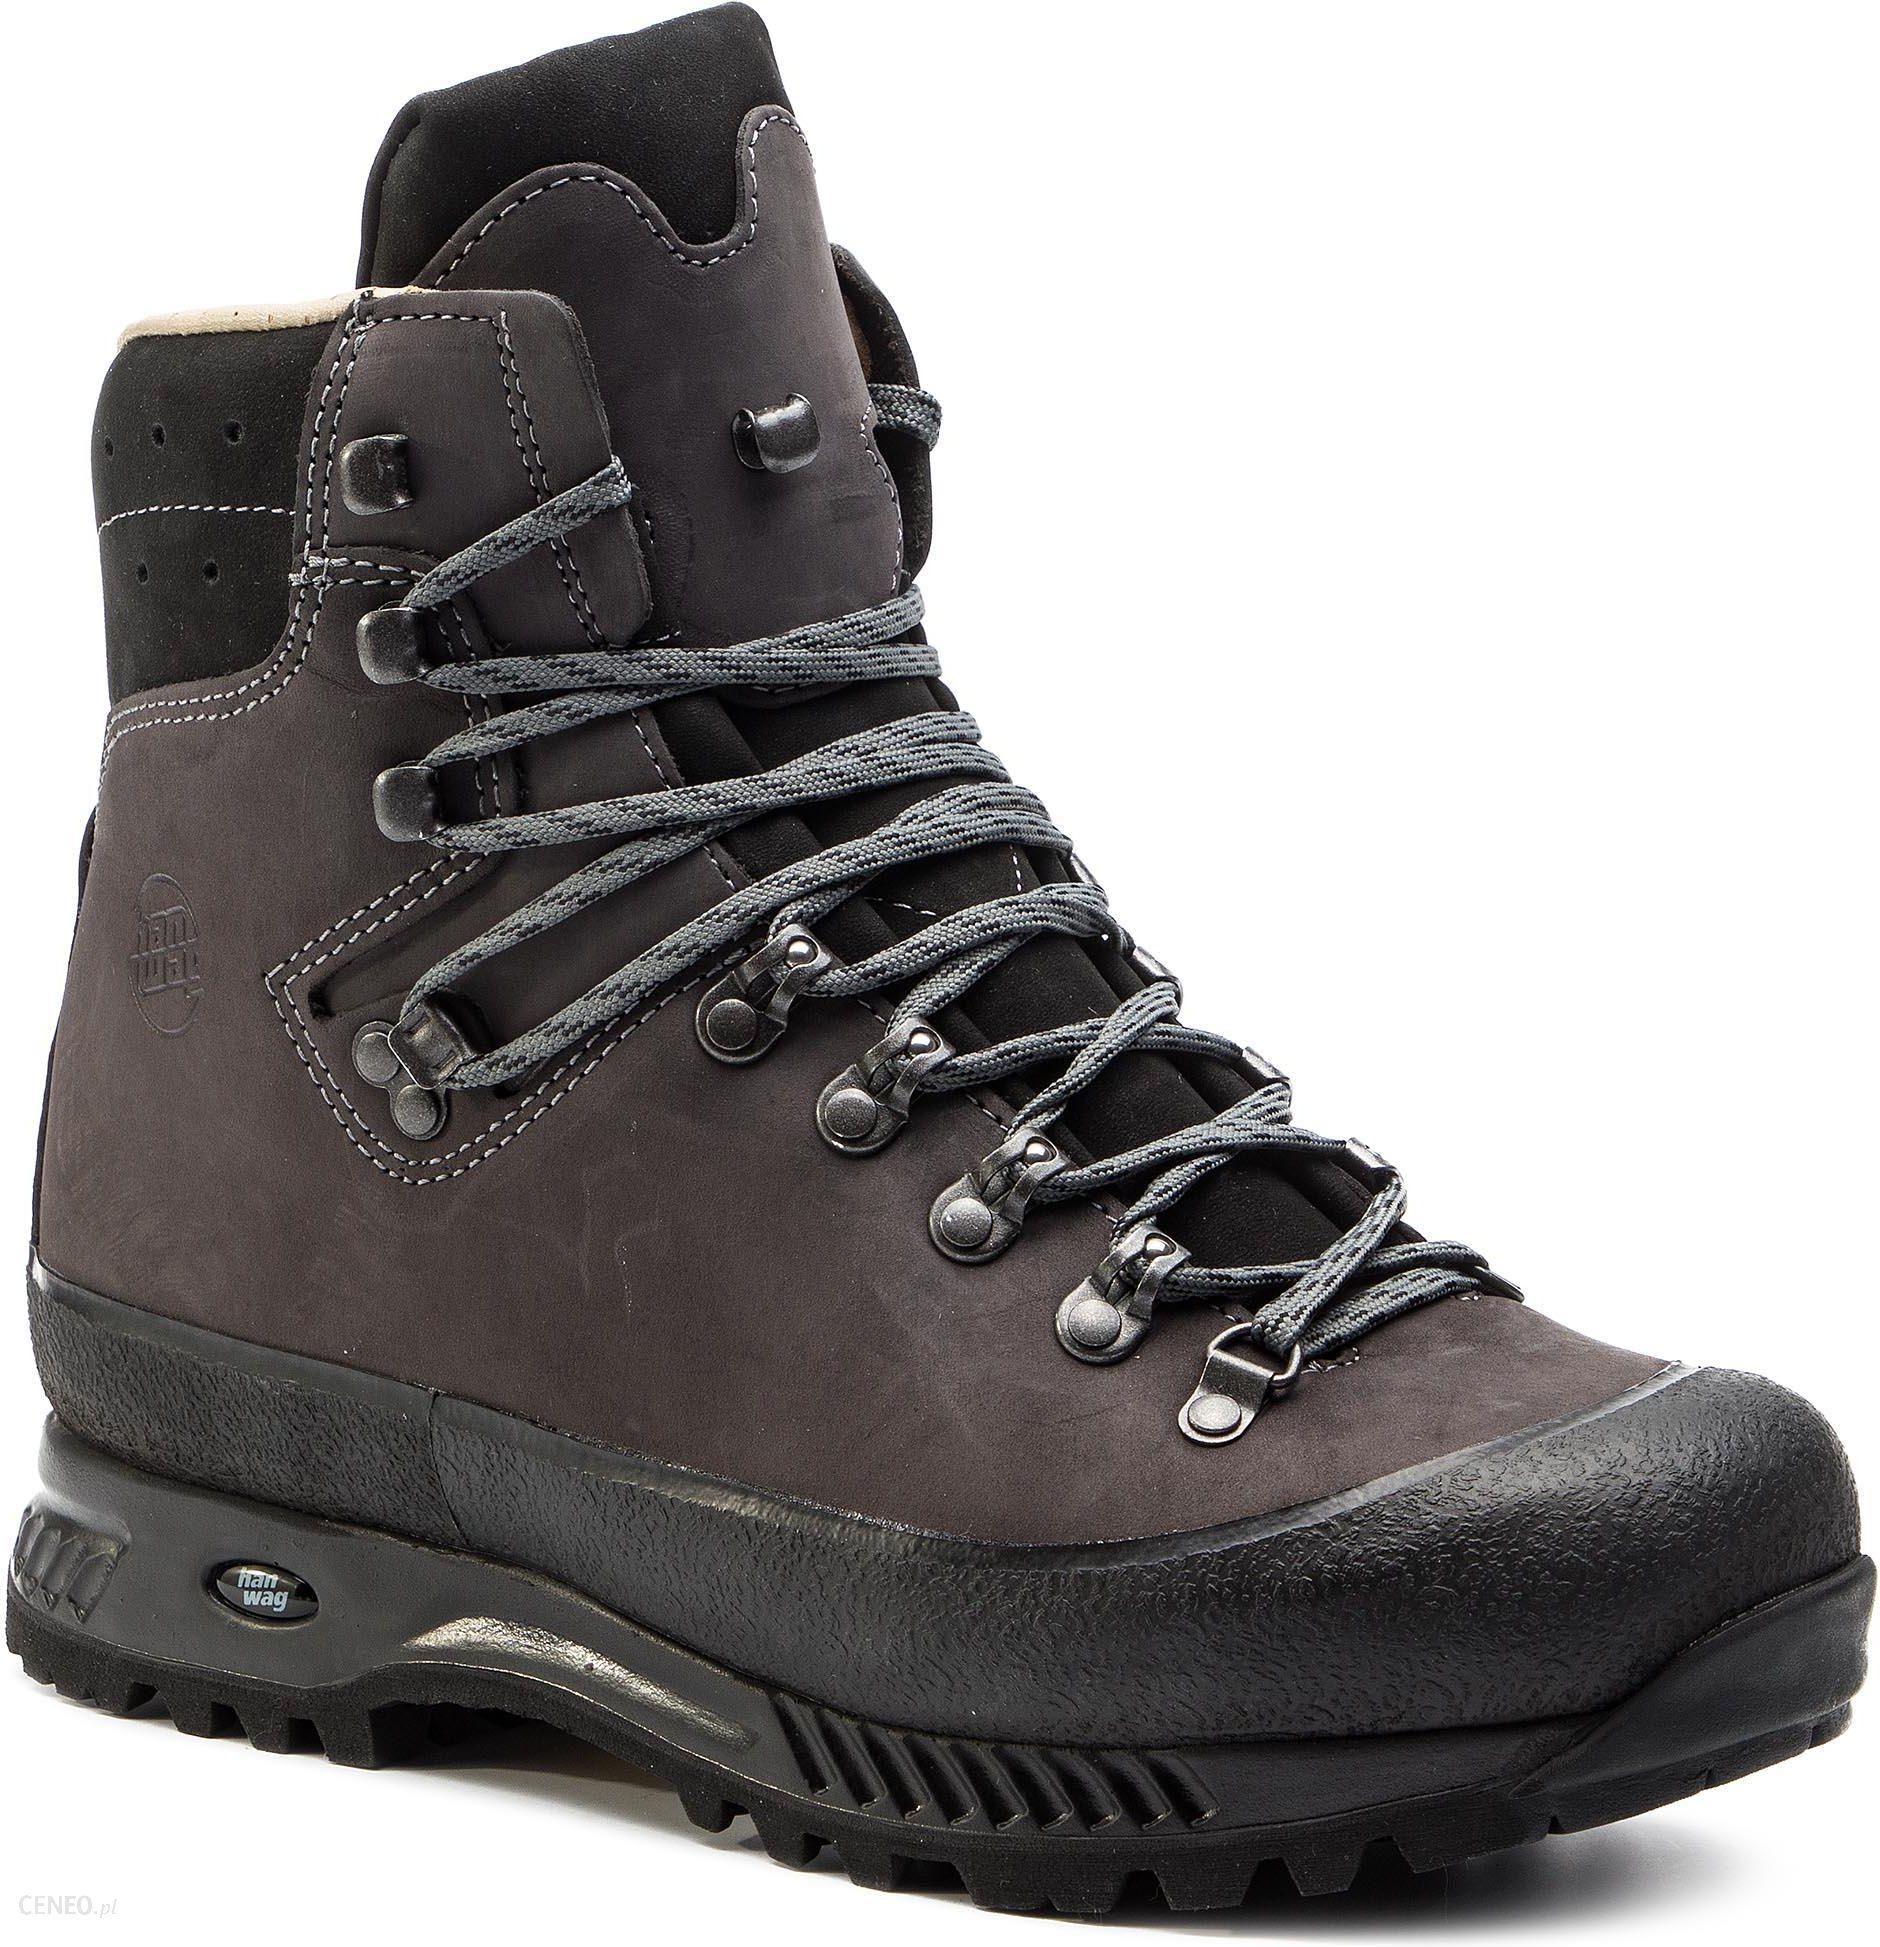 Buty trekkingowe Hanwag Yukon H2304 64 Asphalt Szary Czarny Ceny i opinie Ceneo.pl